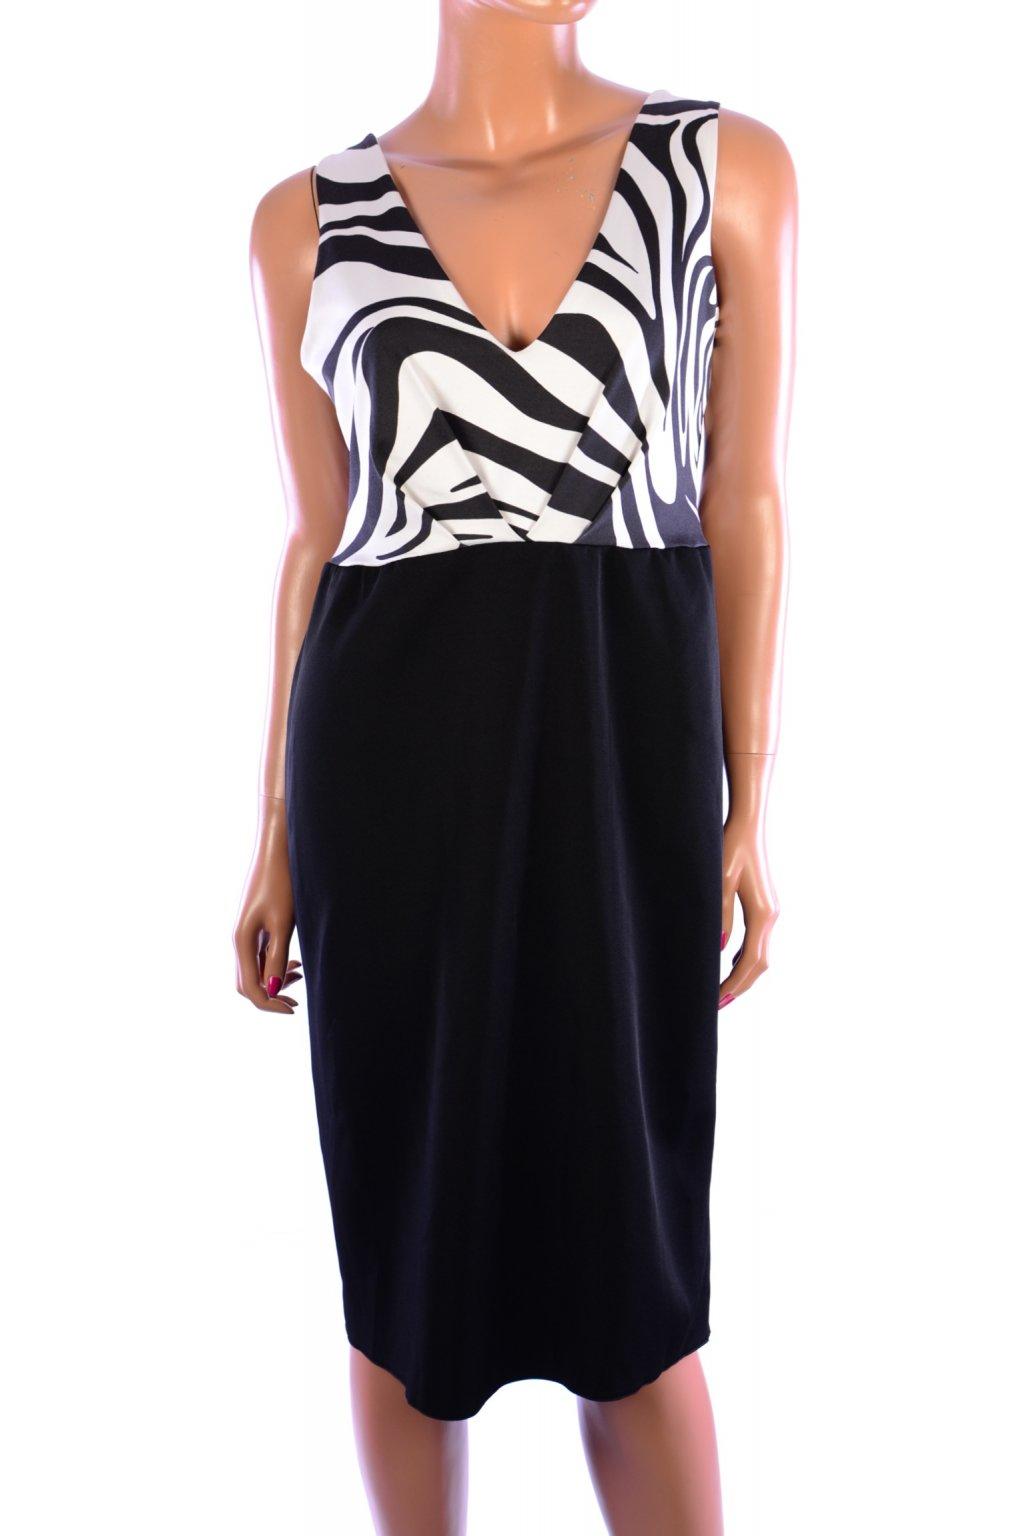 Šaty Jane norman černo bílé vel. M